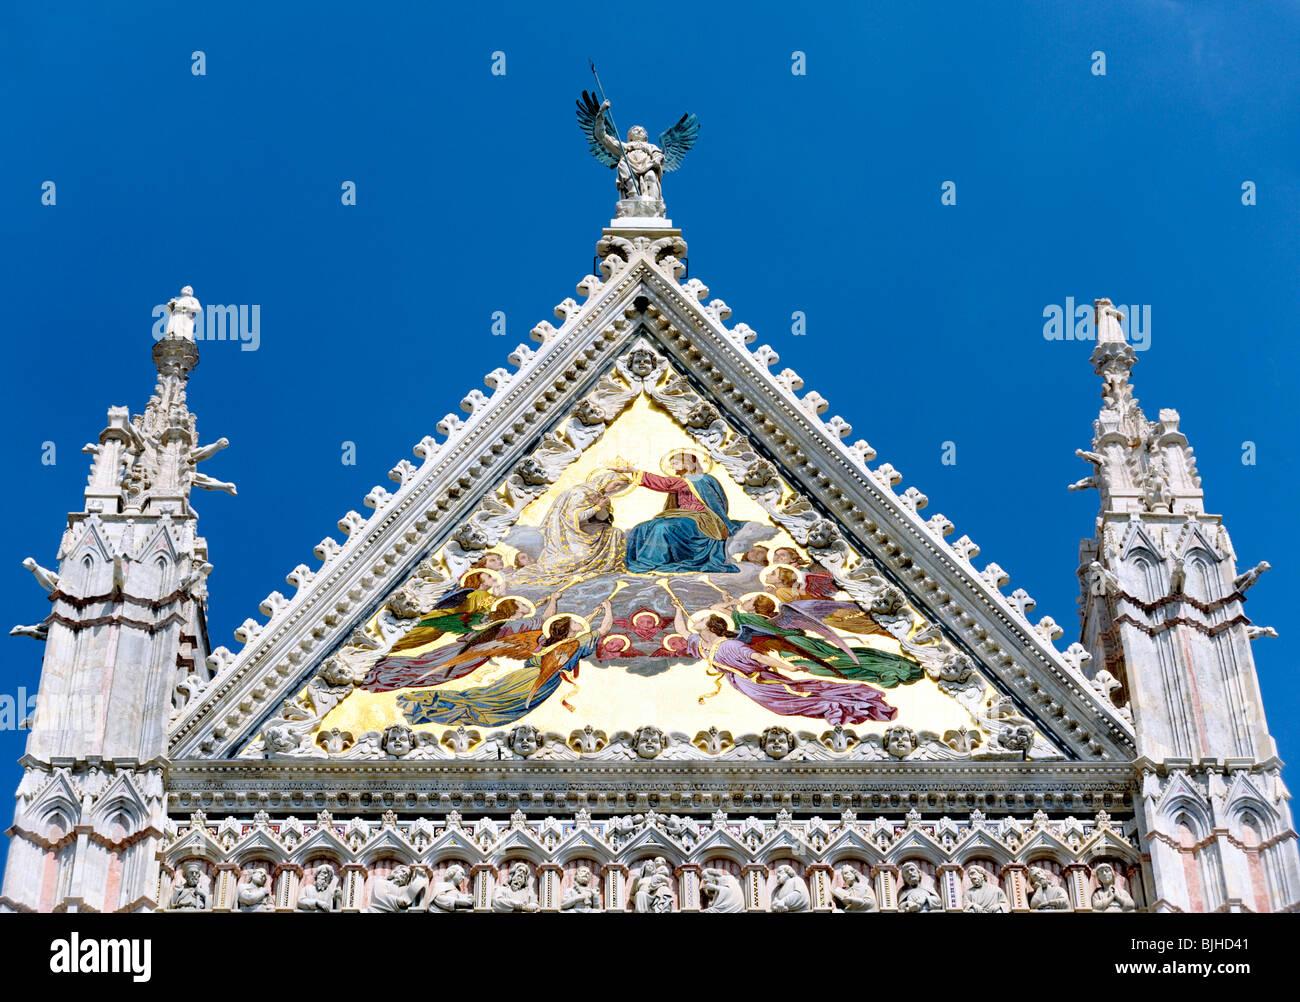 Tímpano en la fachada principal de la catedral de Siena, Toscana, Italia Imagen De Stock